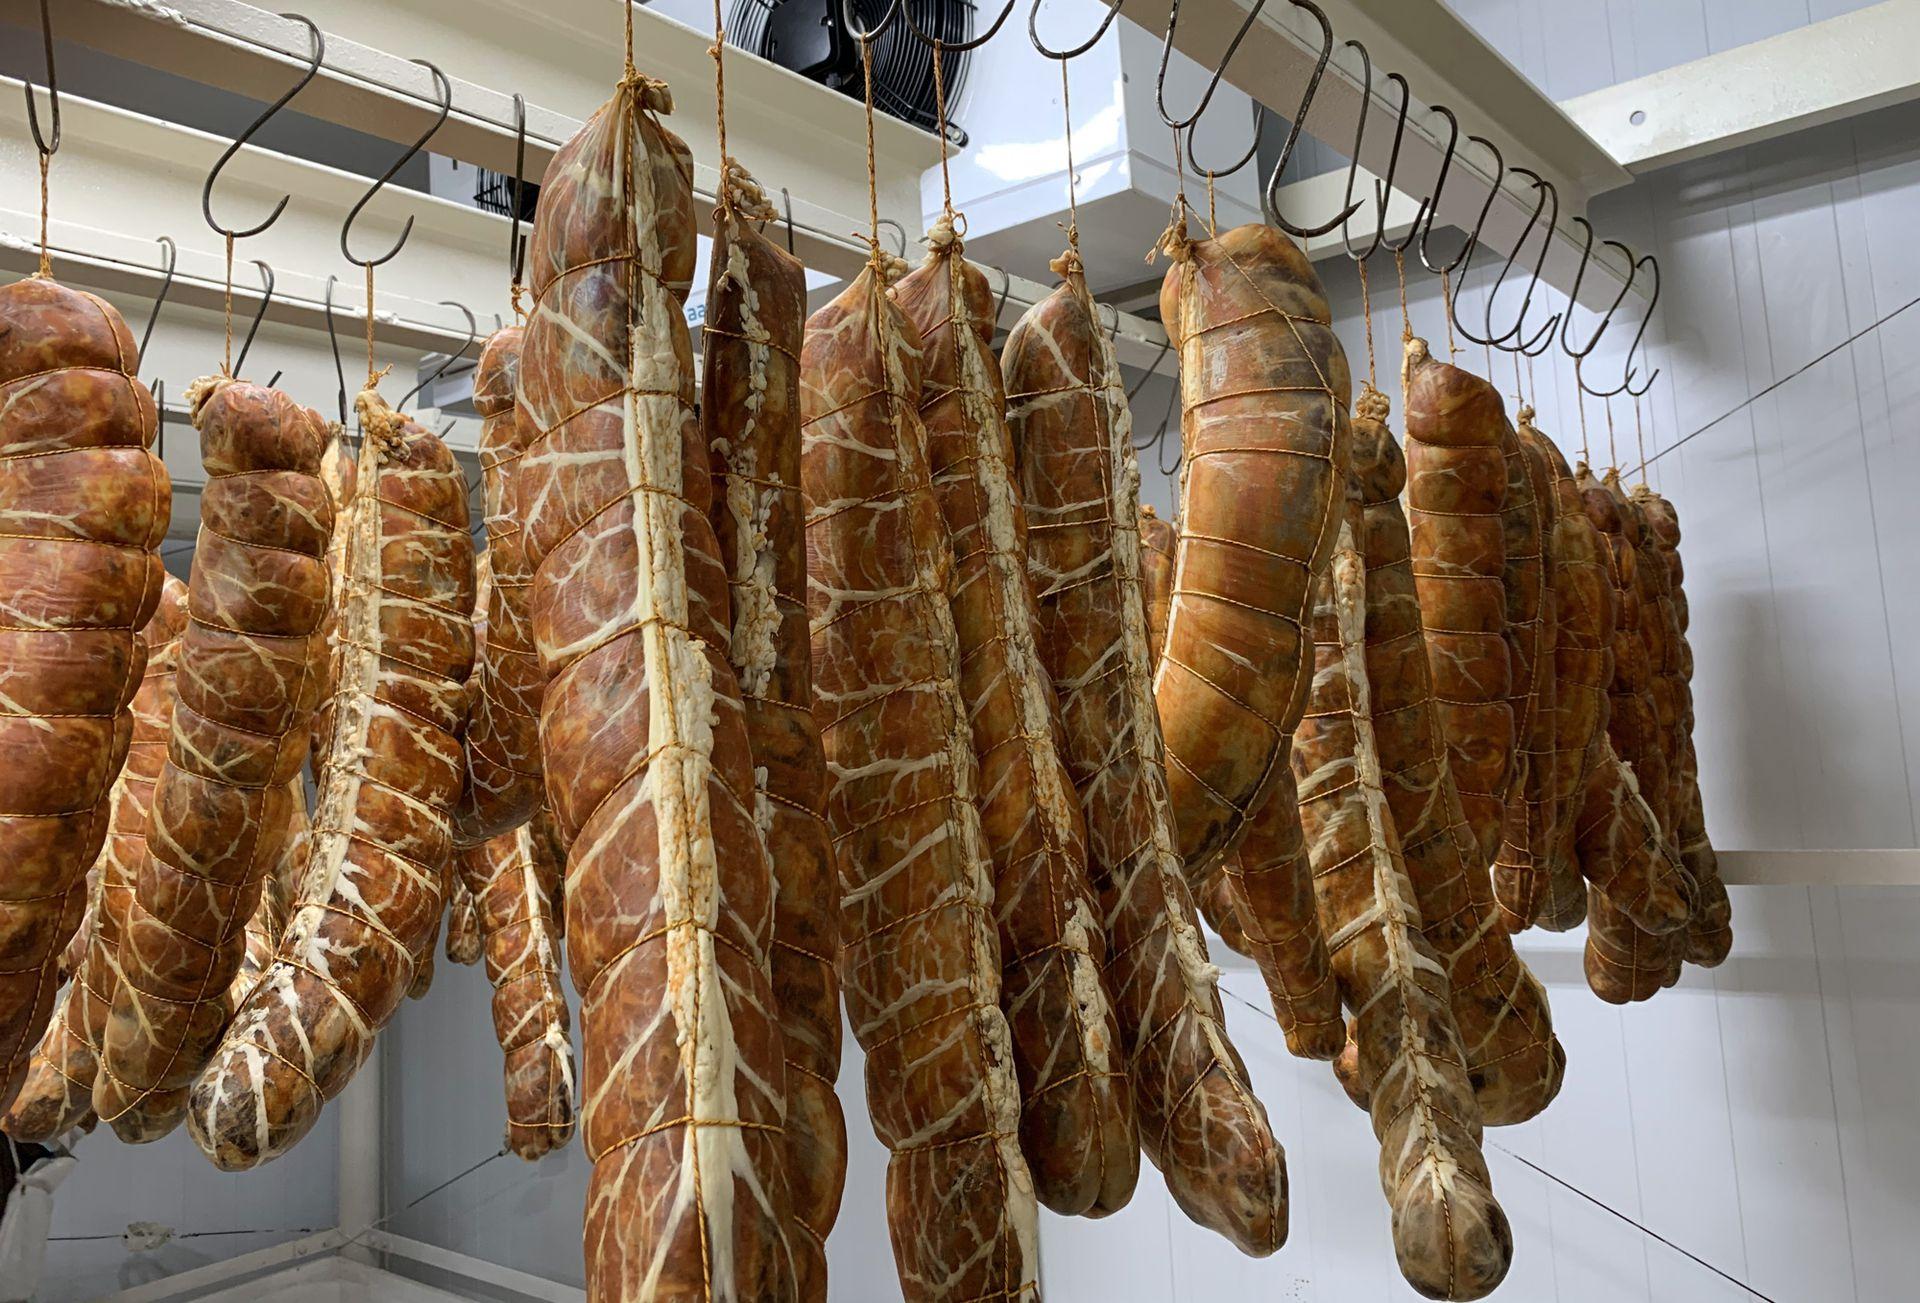 Además de jamón, Kiko Fernández elabora bondiola y lomo de cerdo.